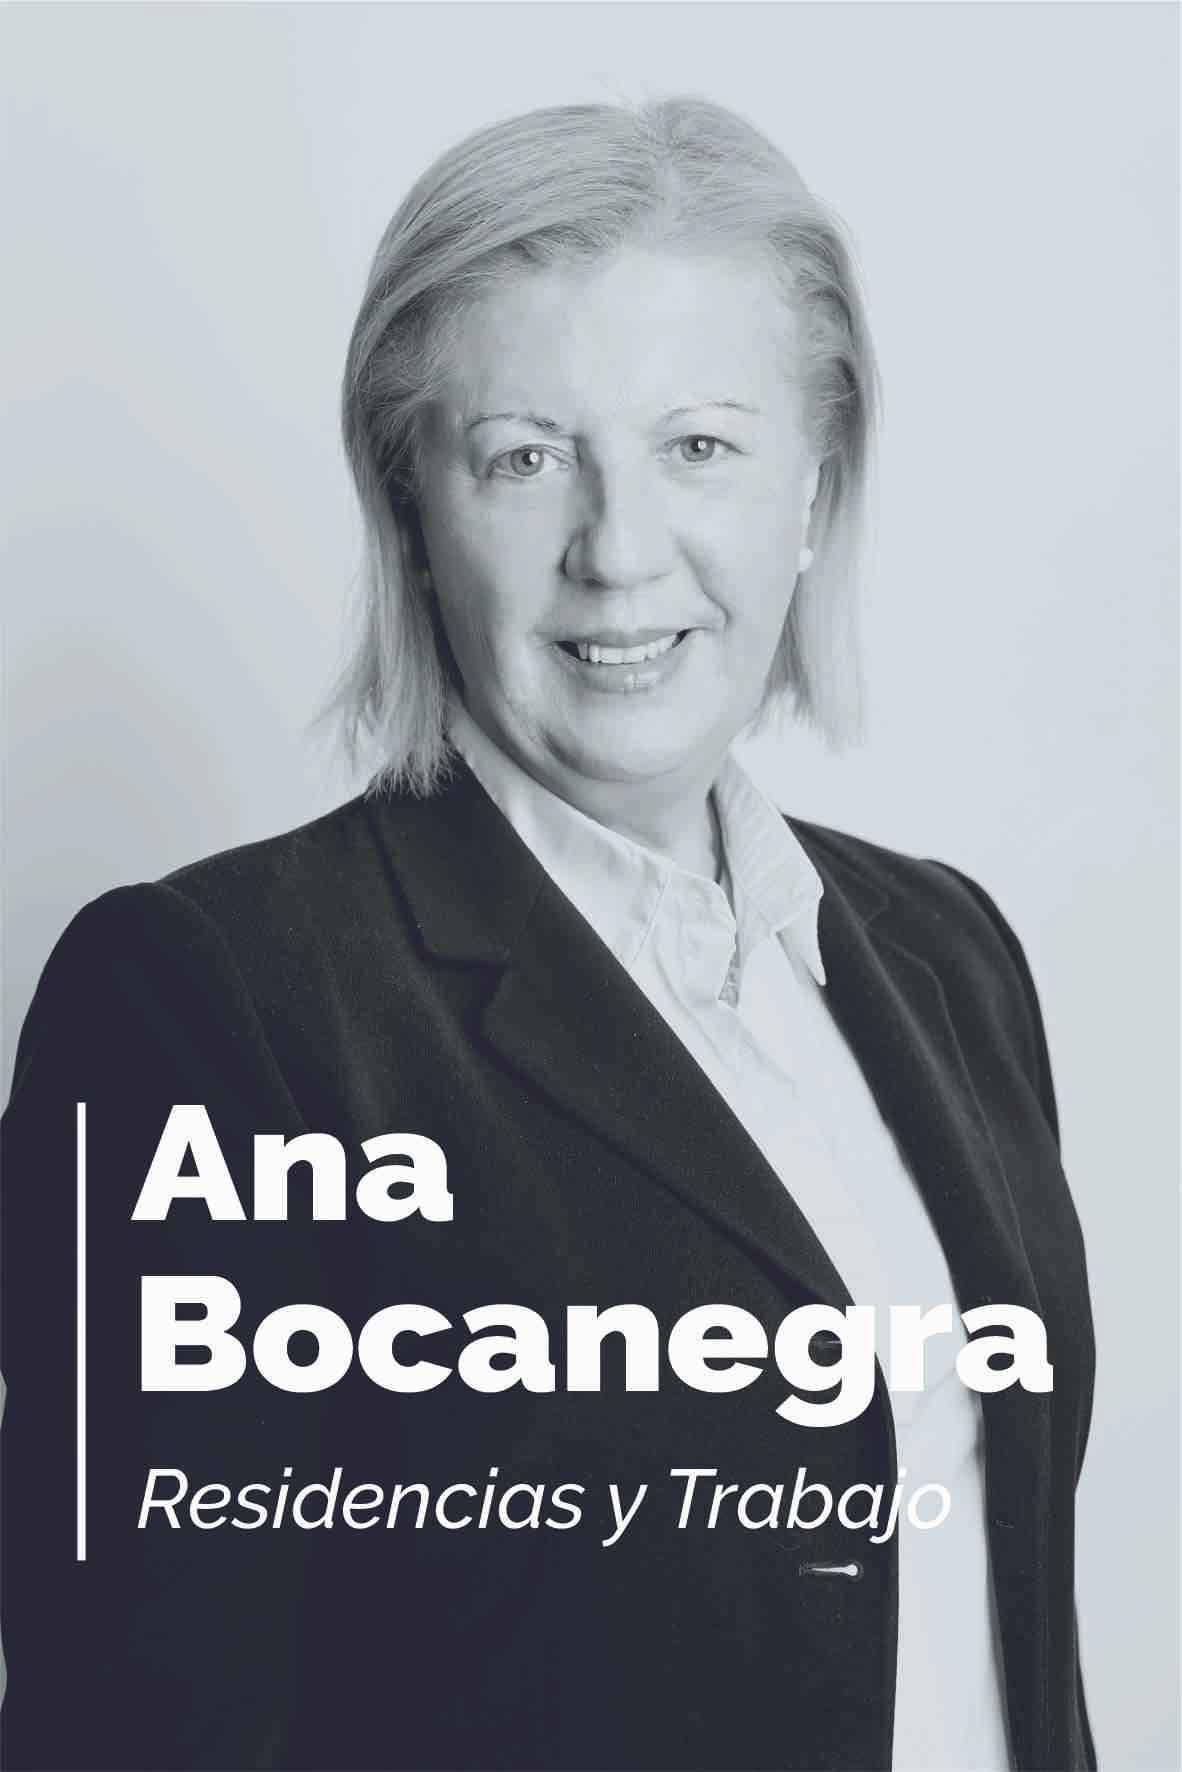 Ana Bocanegra